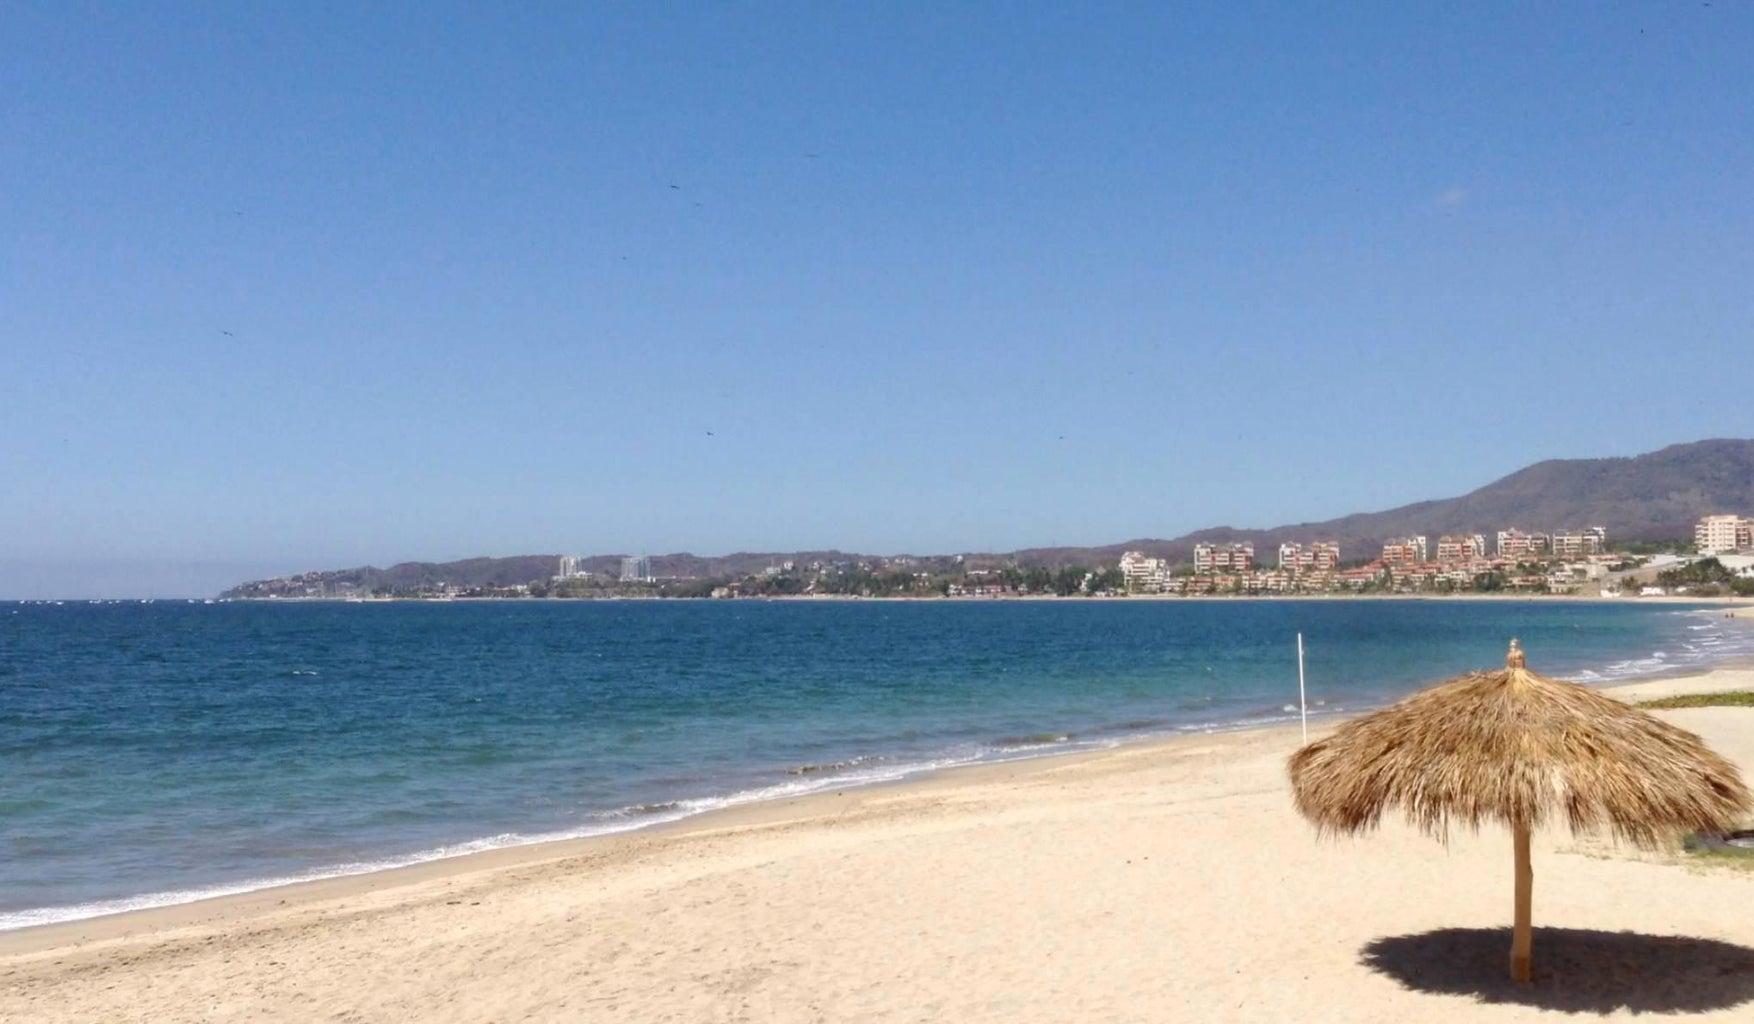 Bucerias beach access is just 75 steps away